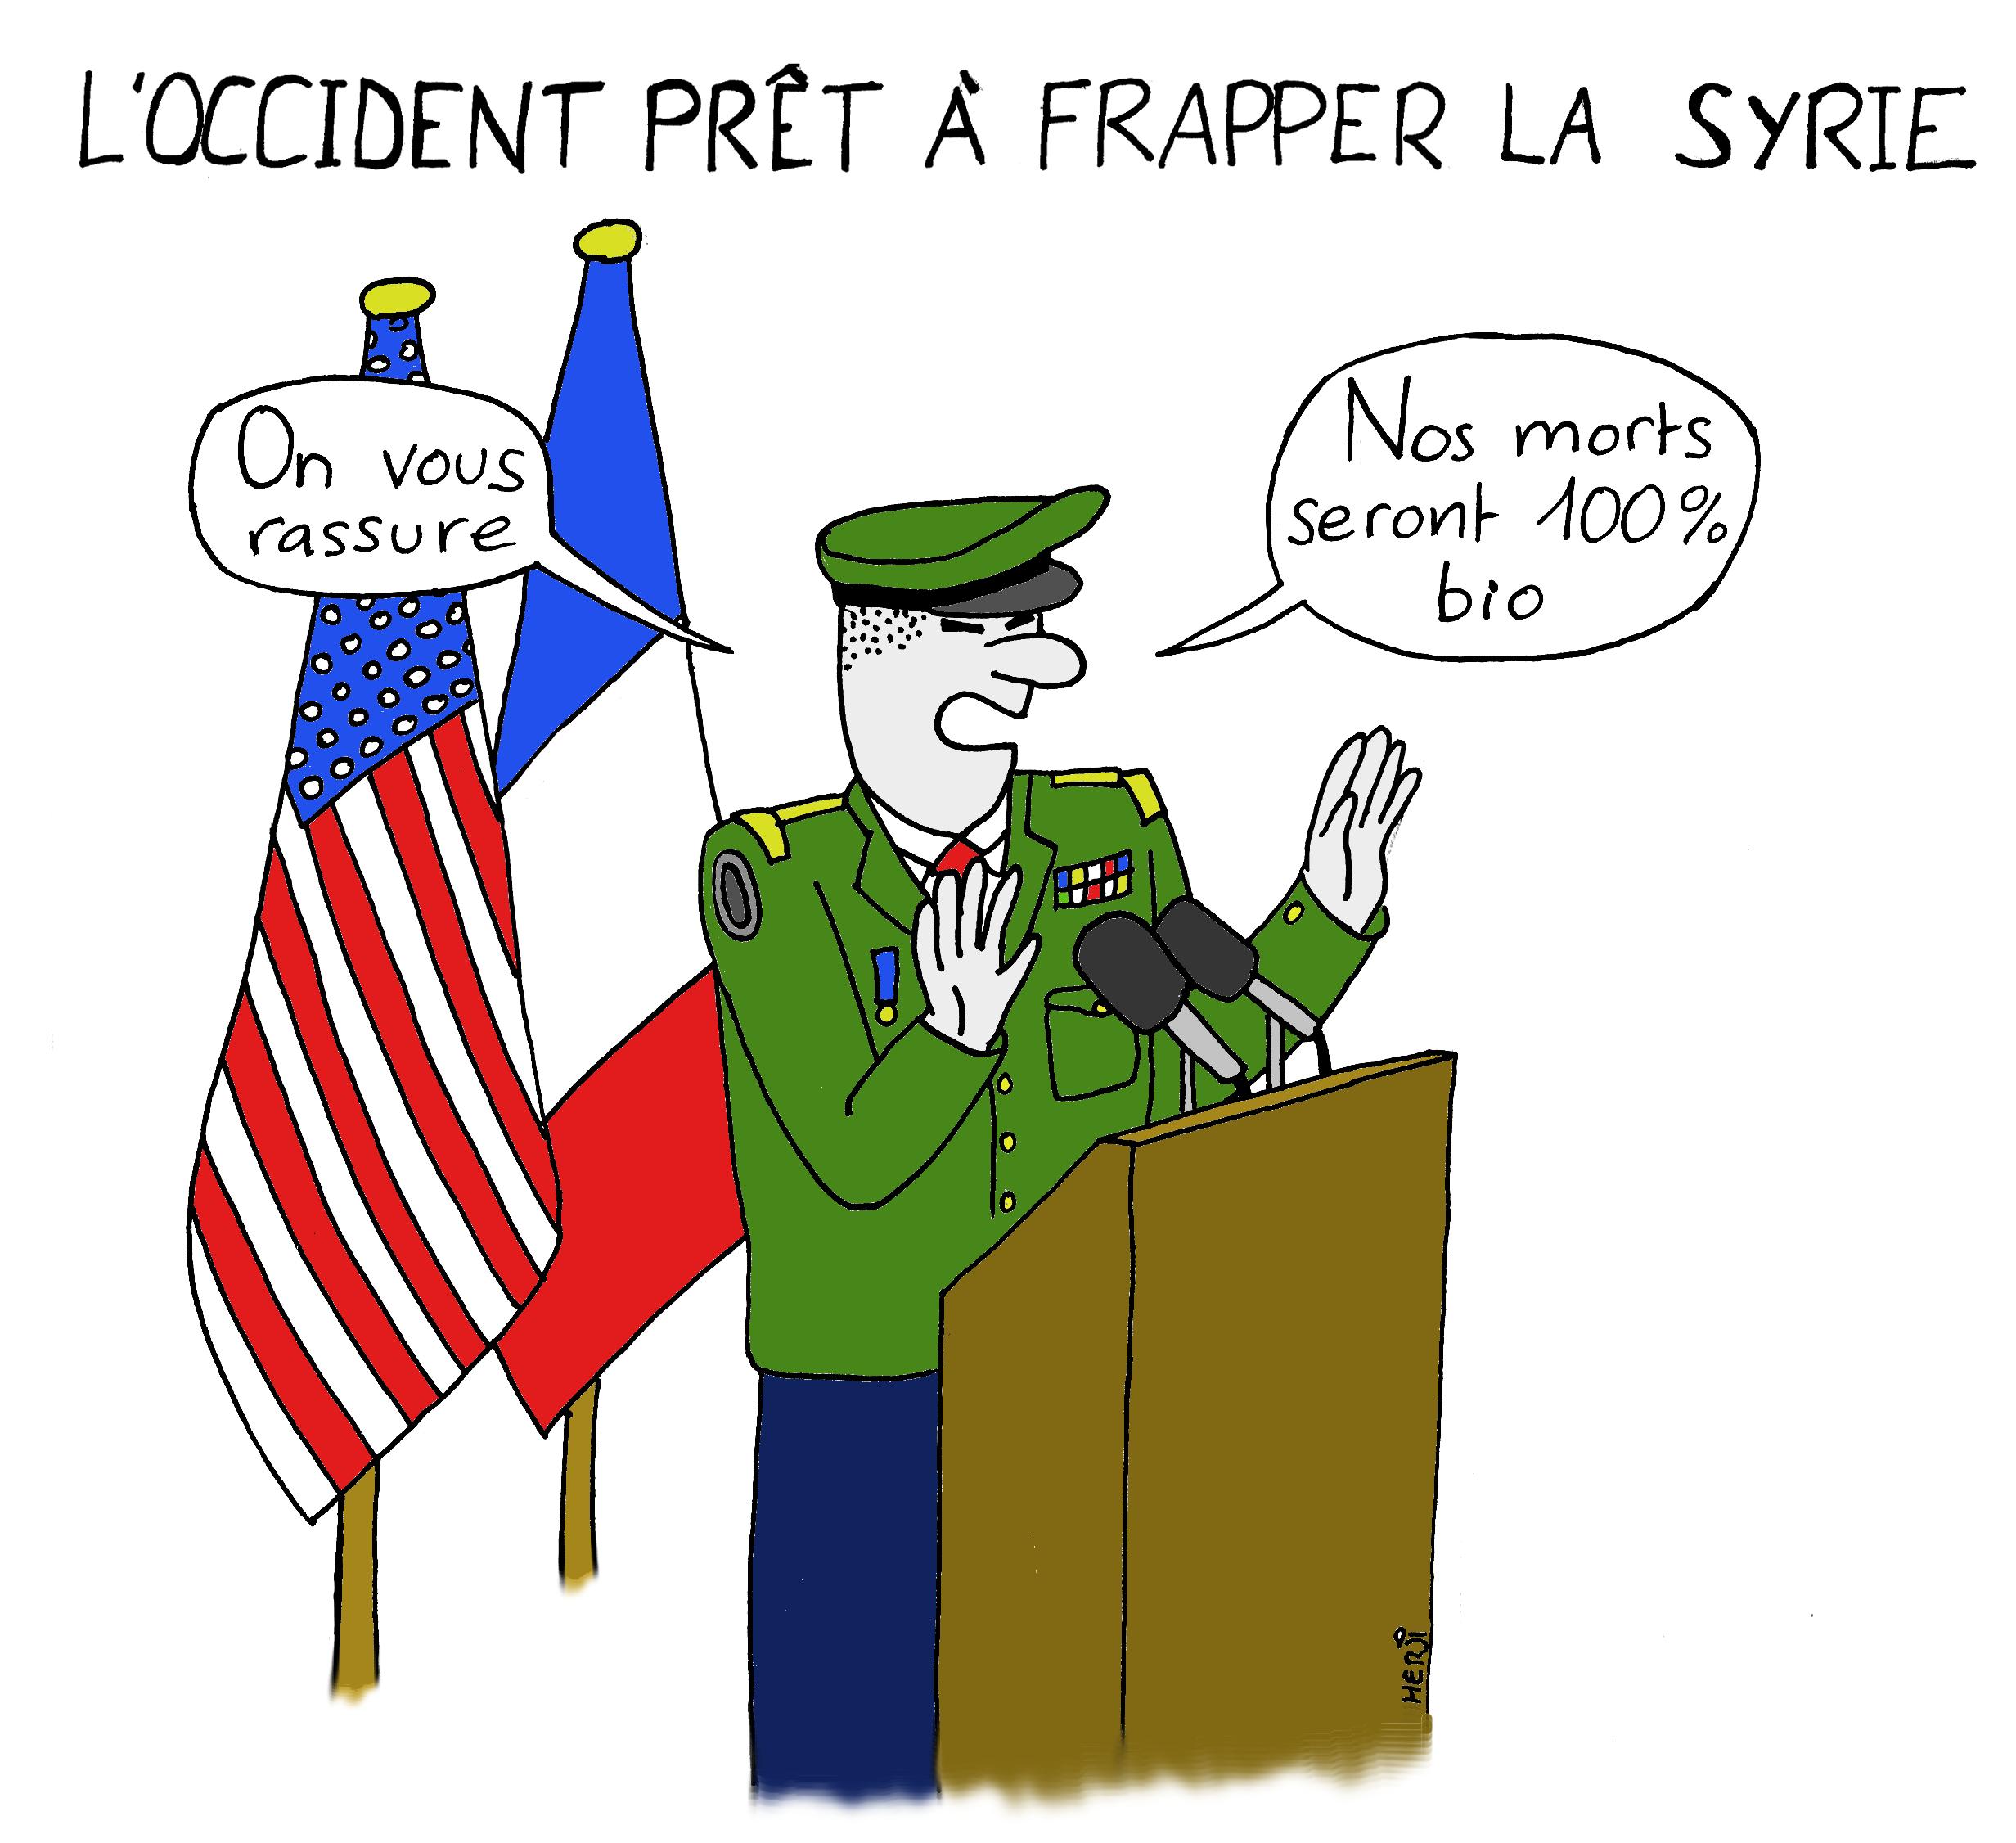 L'Occident prêt à frapper la Syrie